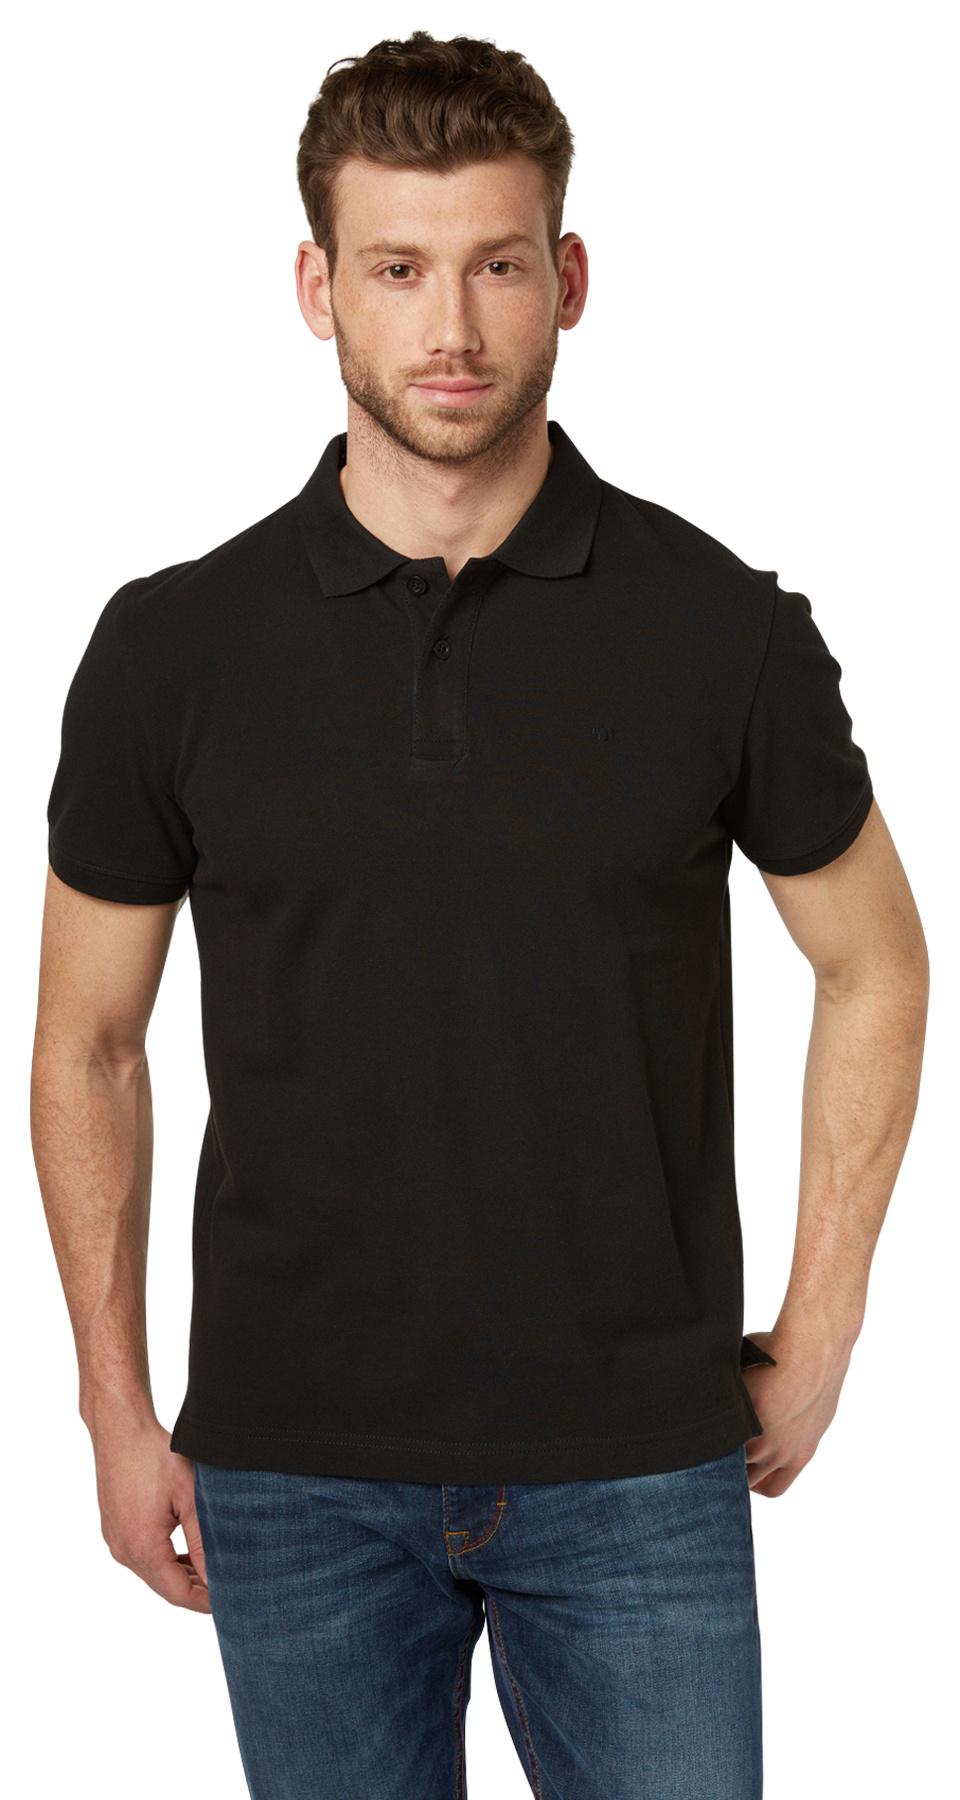 Tom Tailor pánské polo triko 15310070010/2999 Černá XL